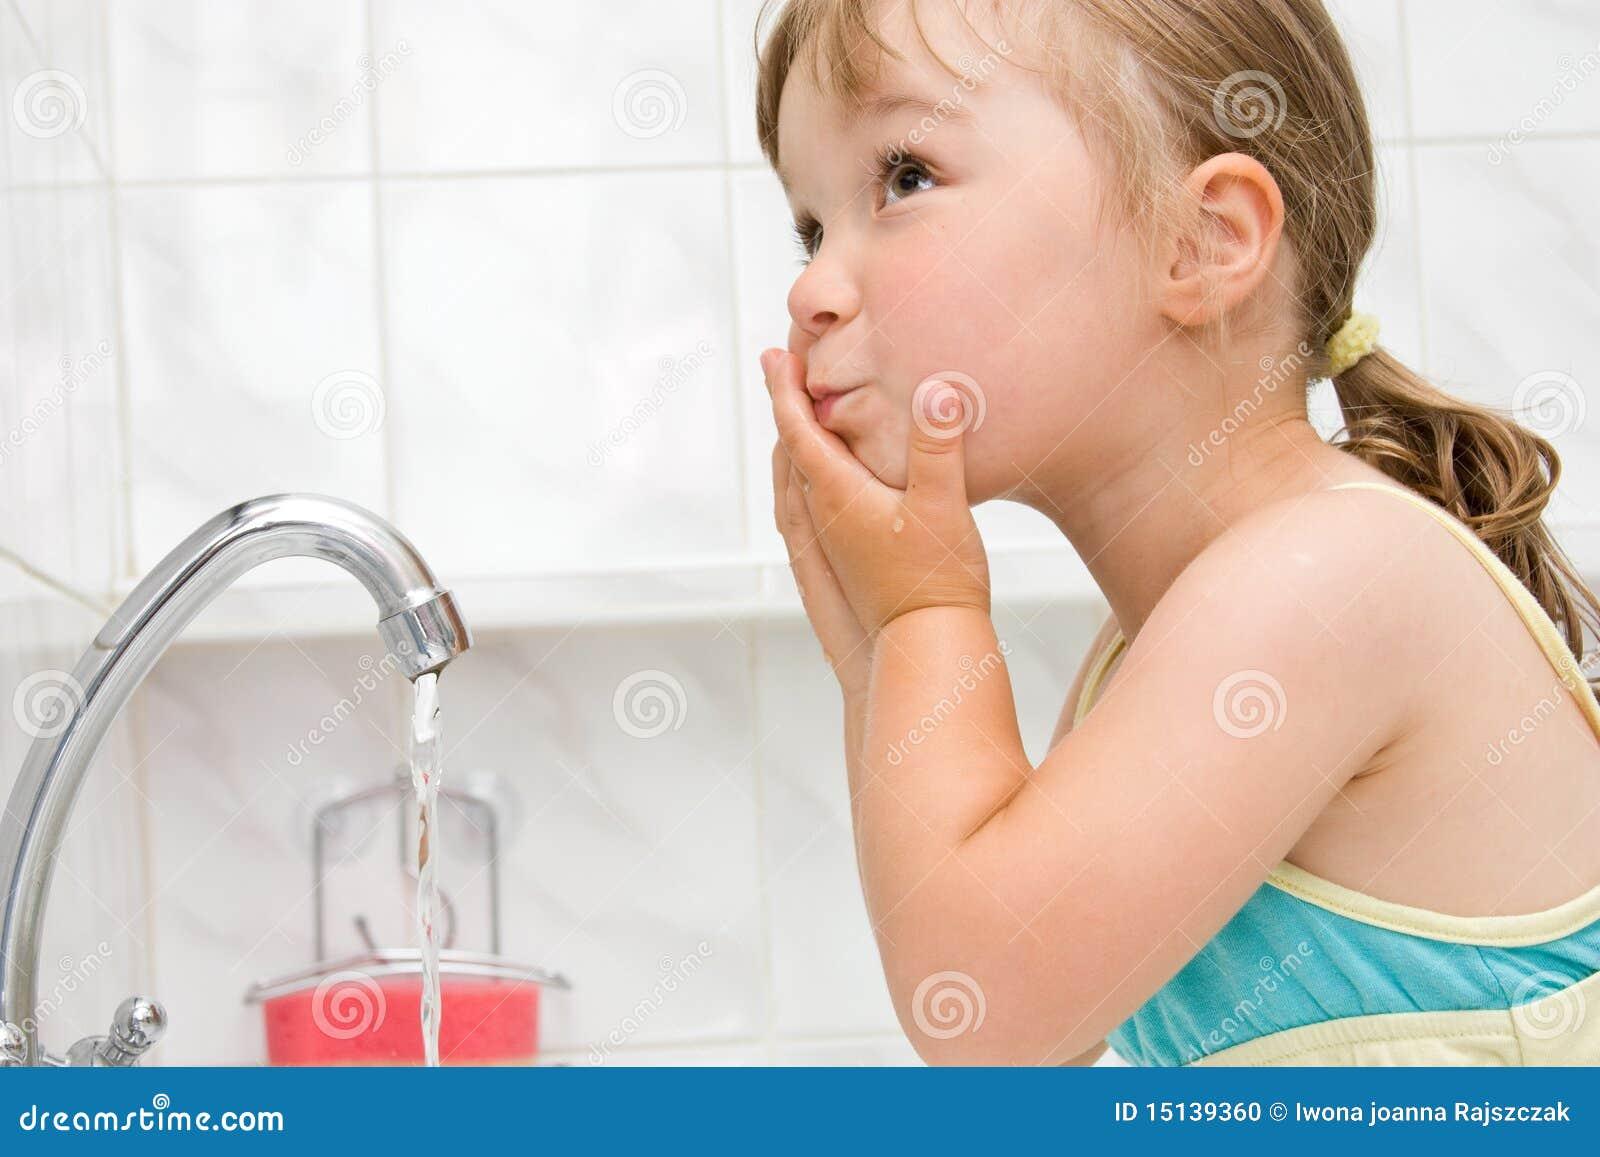 petite fille dans la salle de bains photo stock image. Black Bedroom Furniture Sets. Home Design Ideas